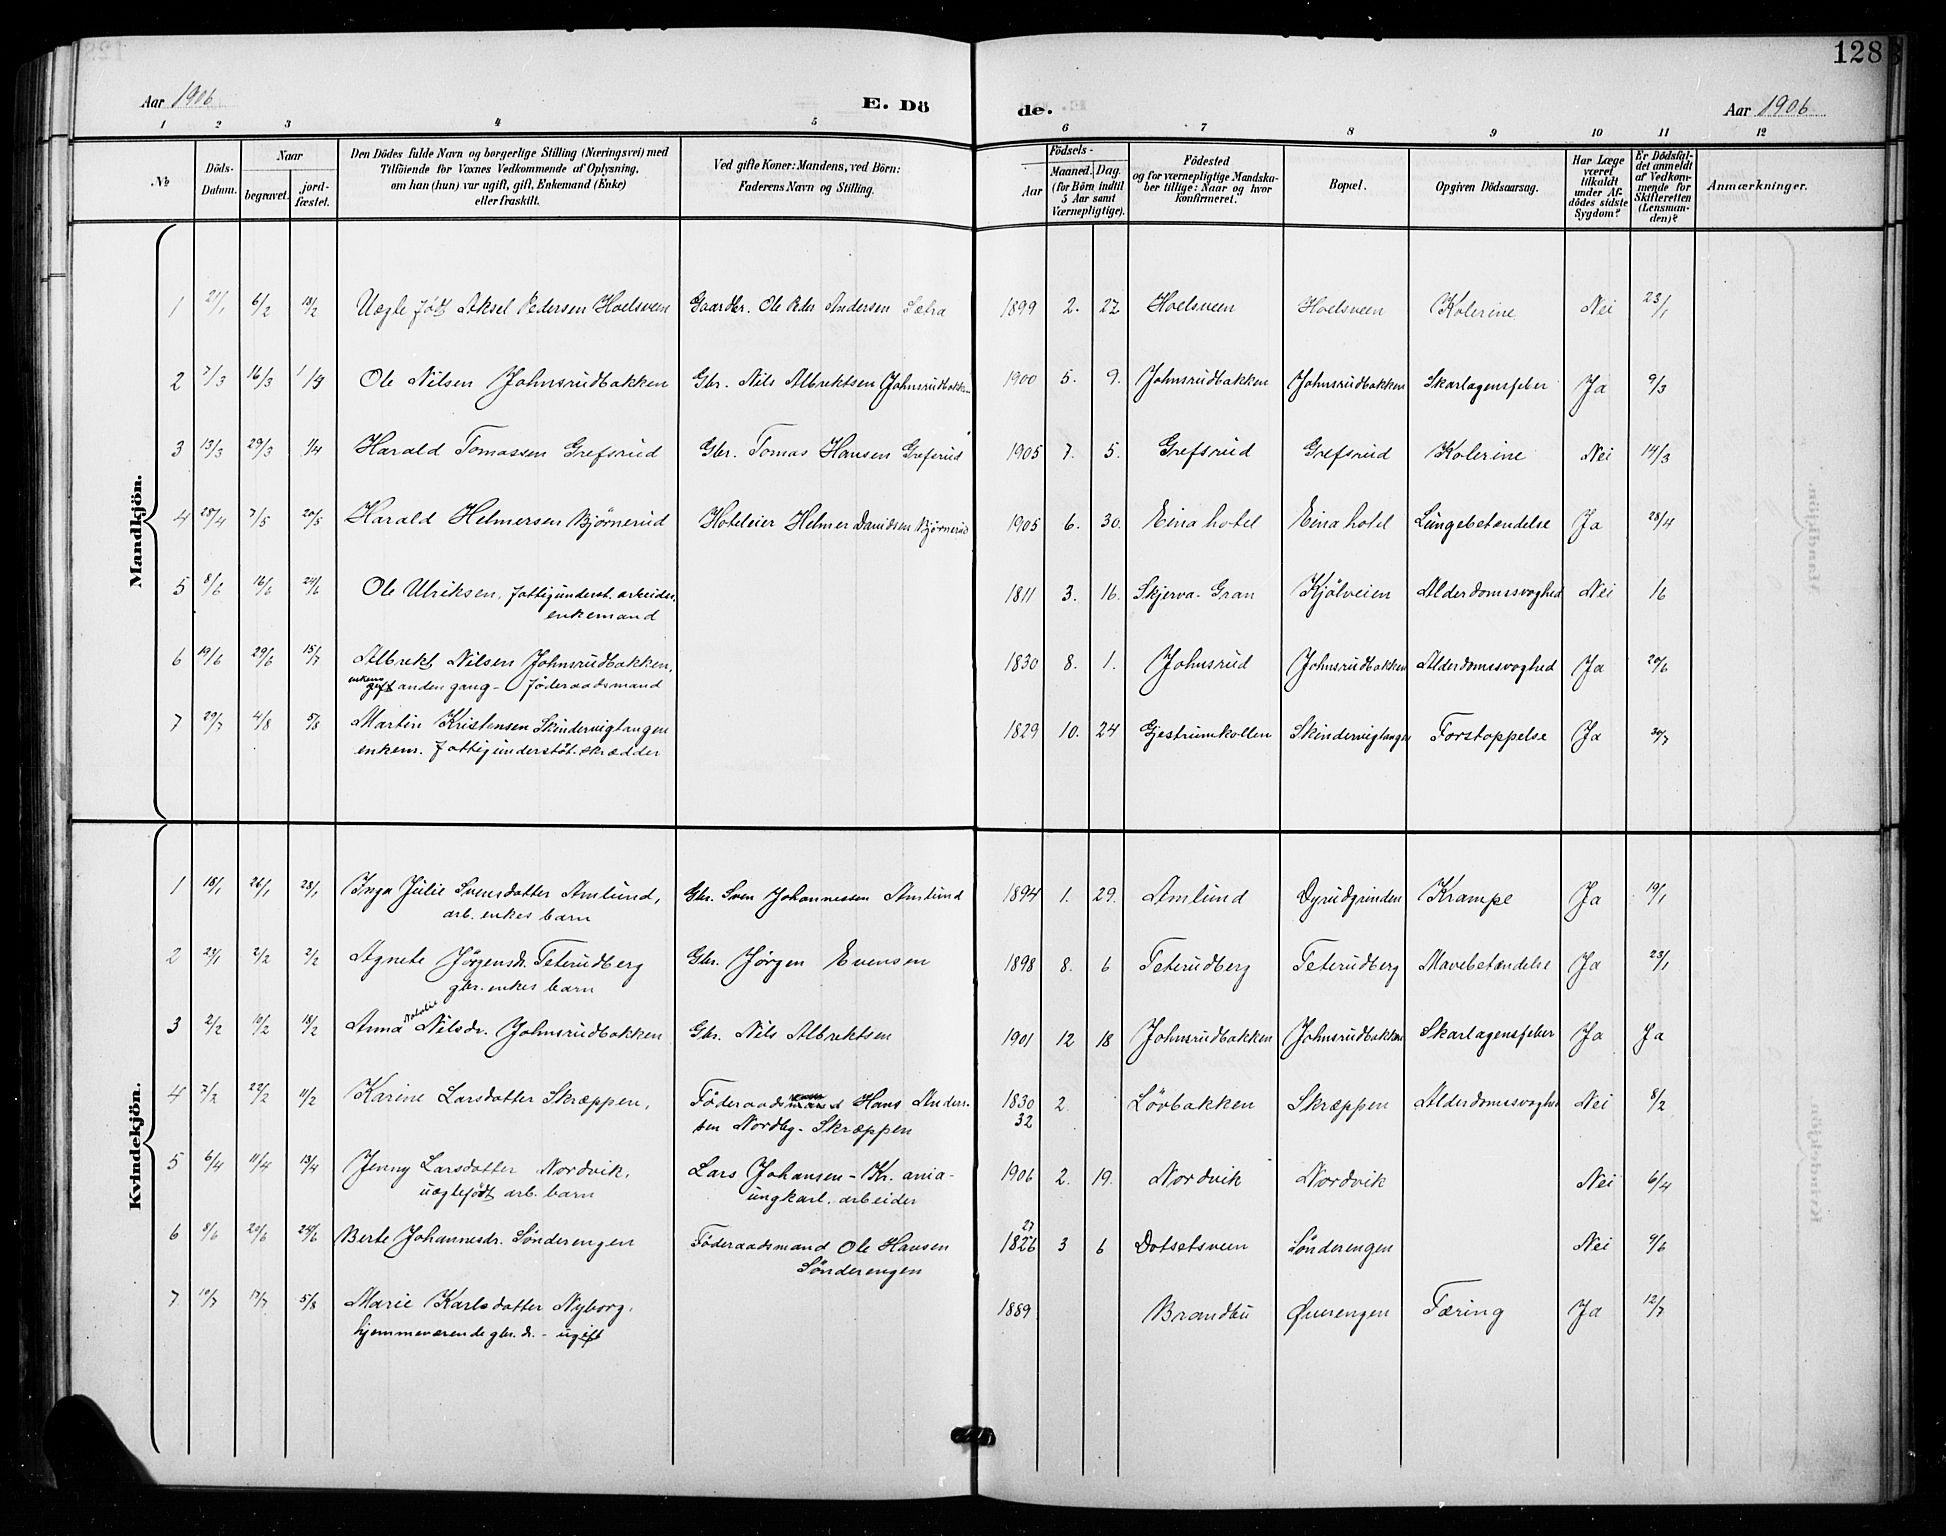 SAH, Vestre Toten prestekontor, H/Ha/Hab/L0016: Klokkerbok nr. 16, 1901-1915, s. 128